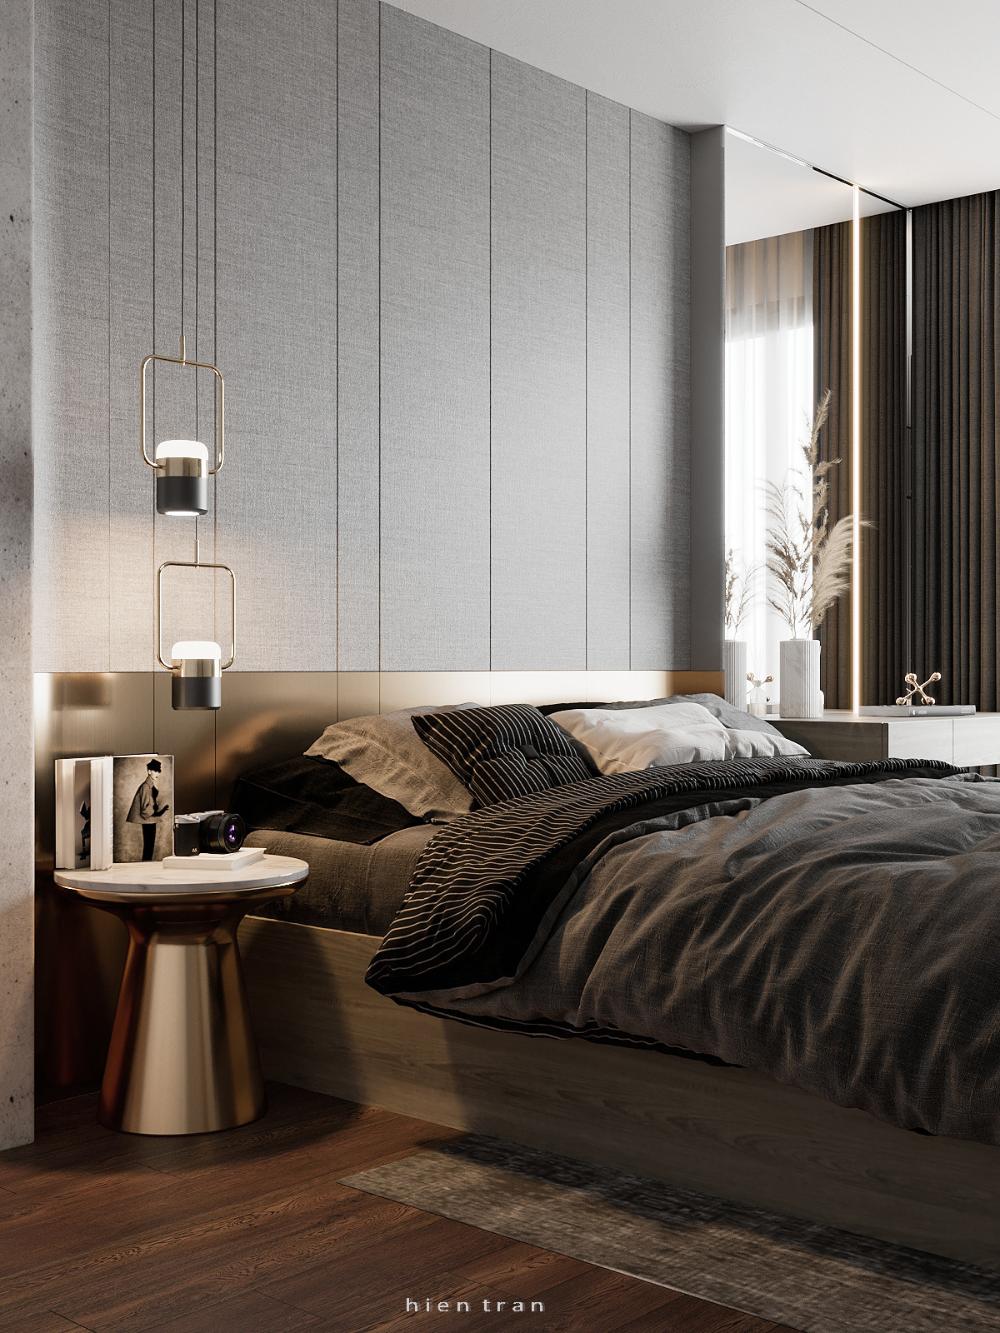 Pinterest Camilleelyse Bedroom Inspirations Bedroom Design Home Bedroom